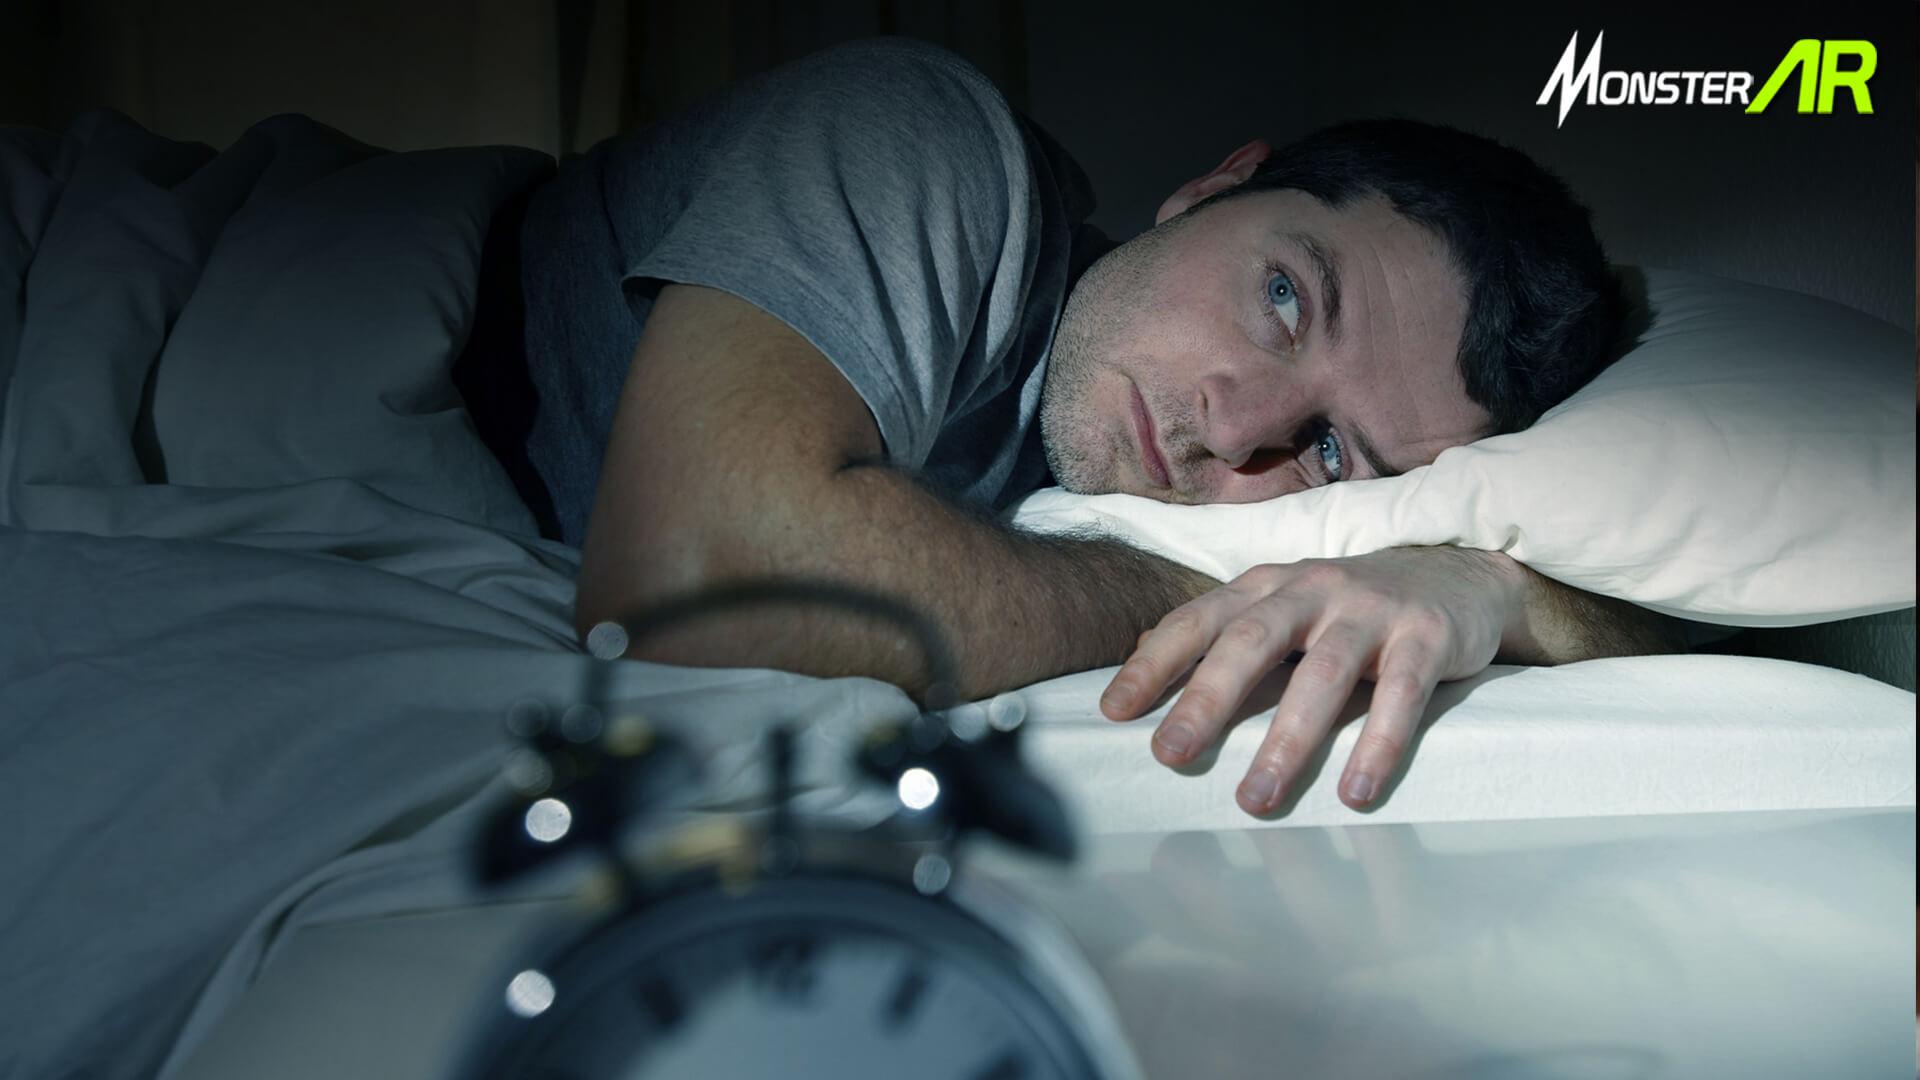 vr sembuhkan insomnia